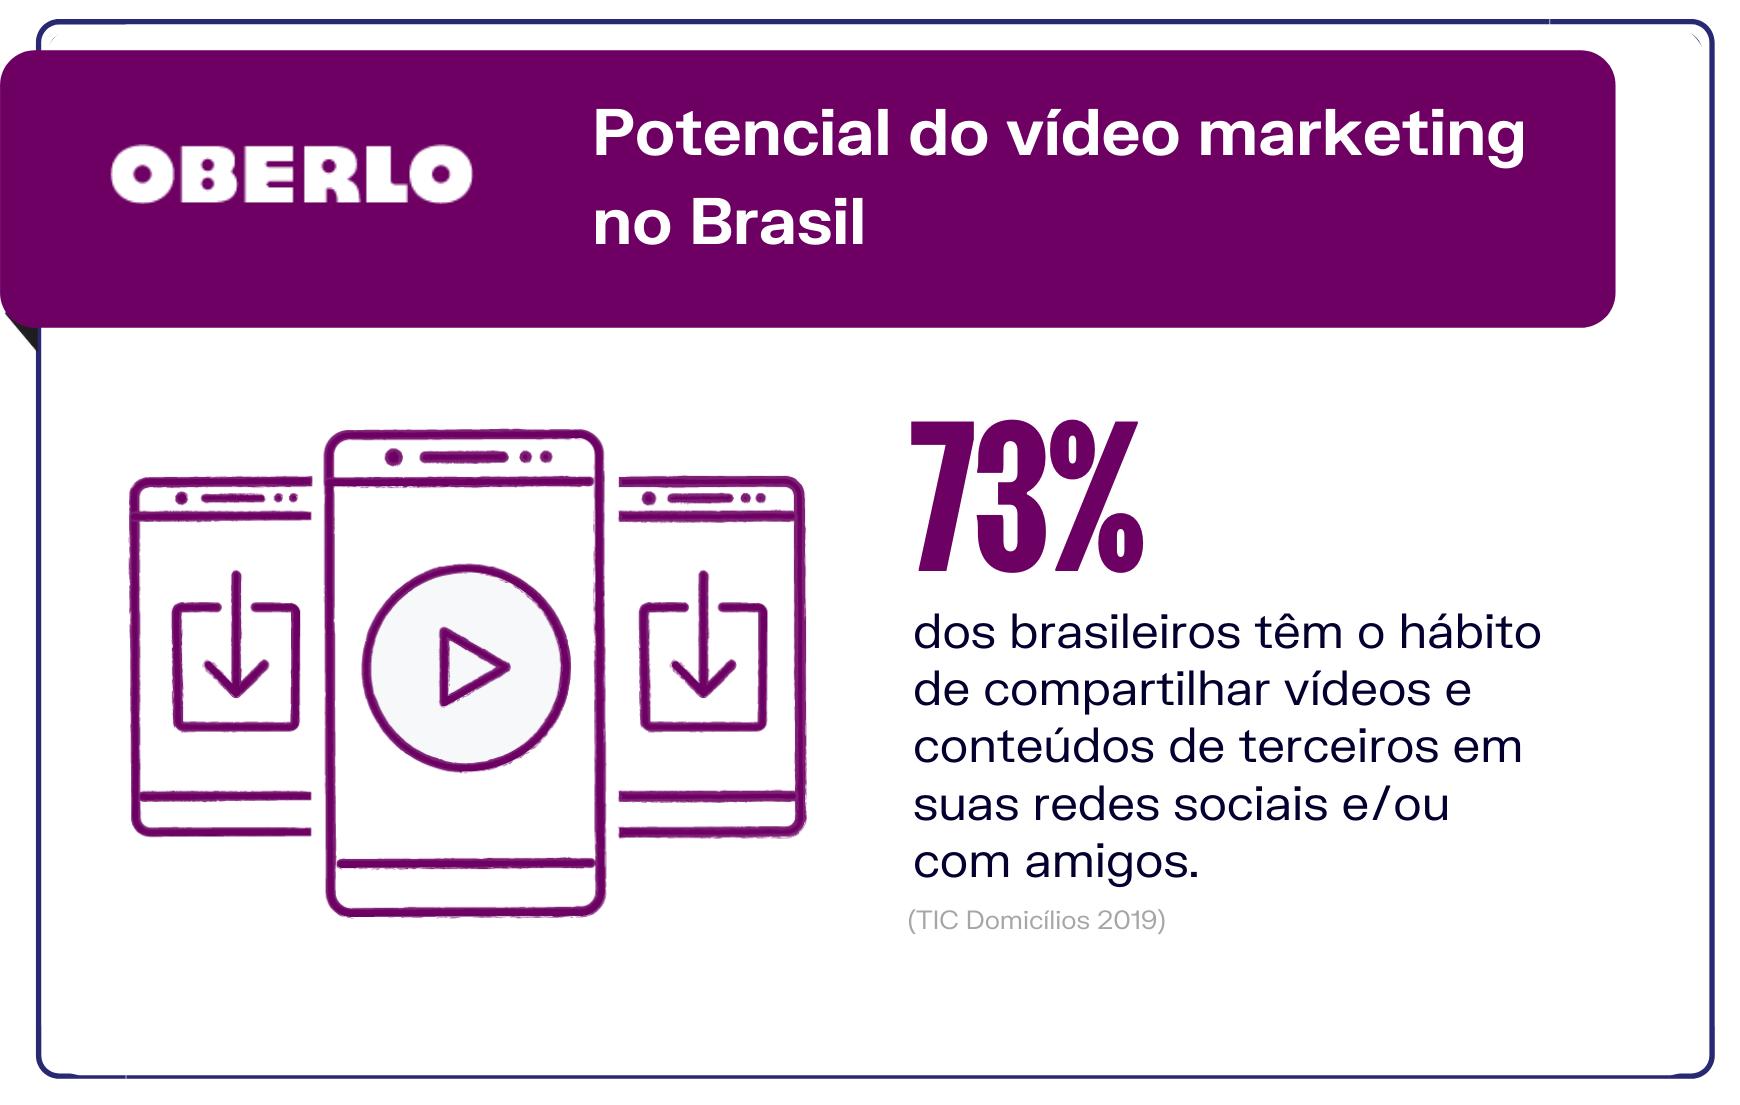 Novas oportunidades de vídeo marketing: consumo médio de conteúdos em vídeo